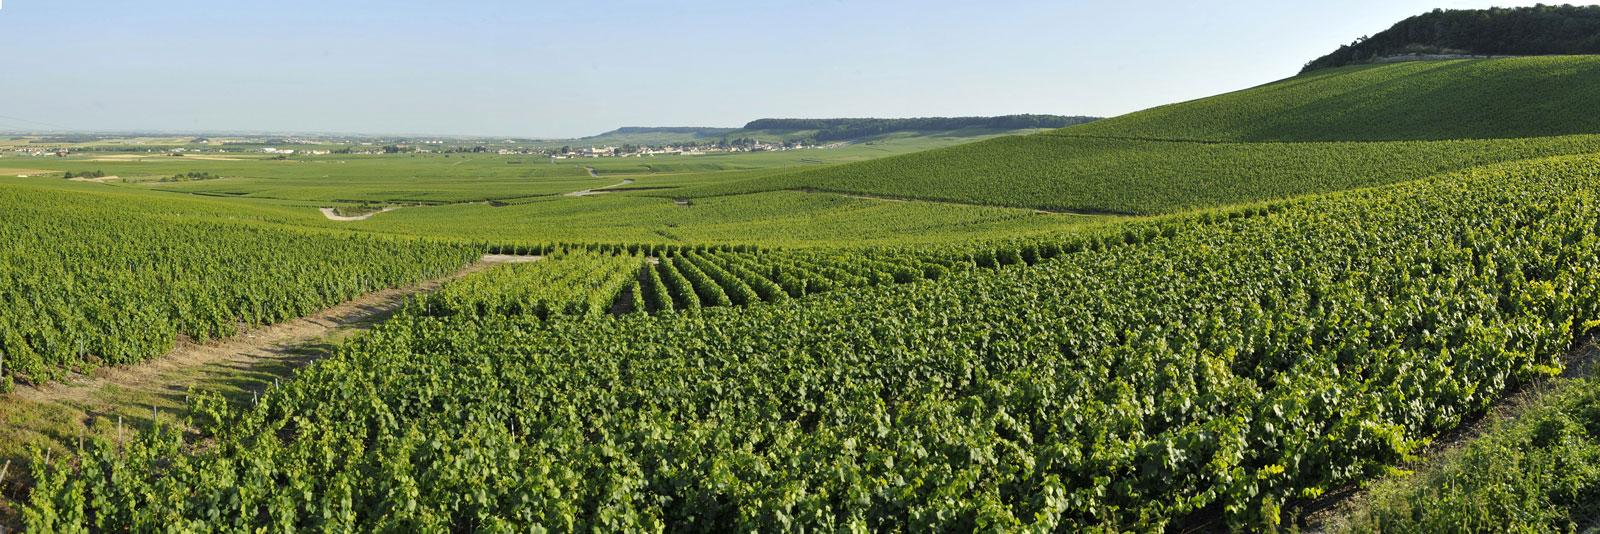 香槟子产区之马恩河谷